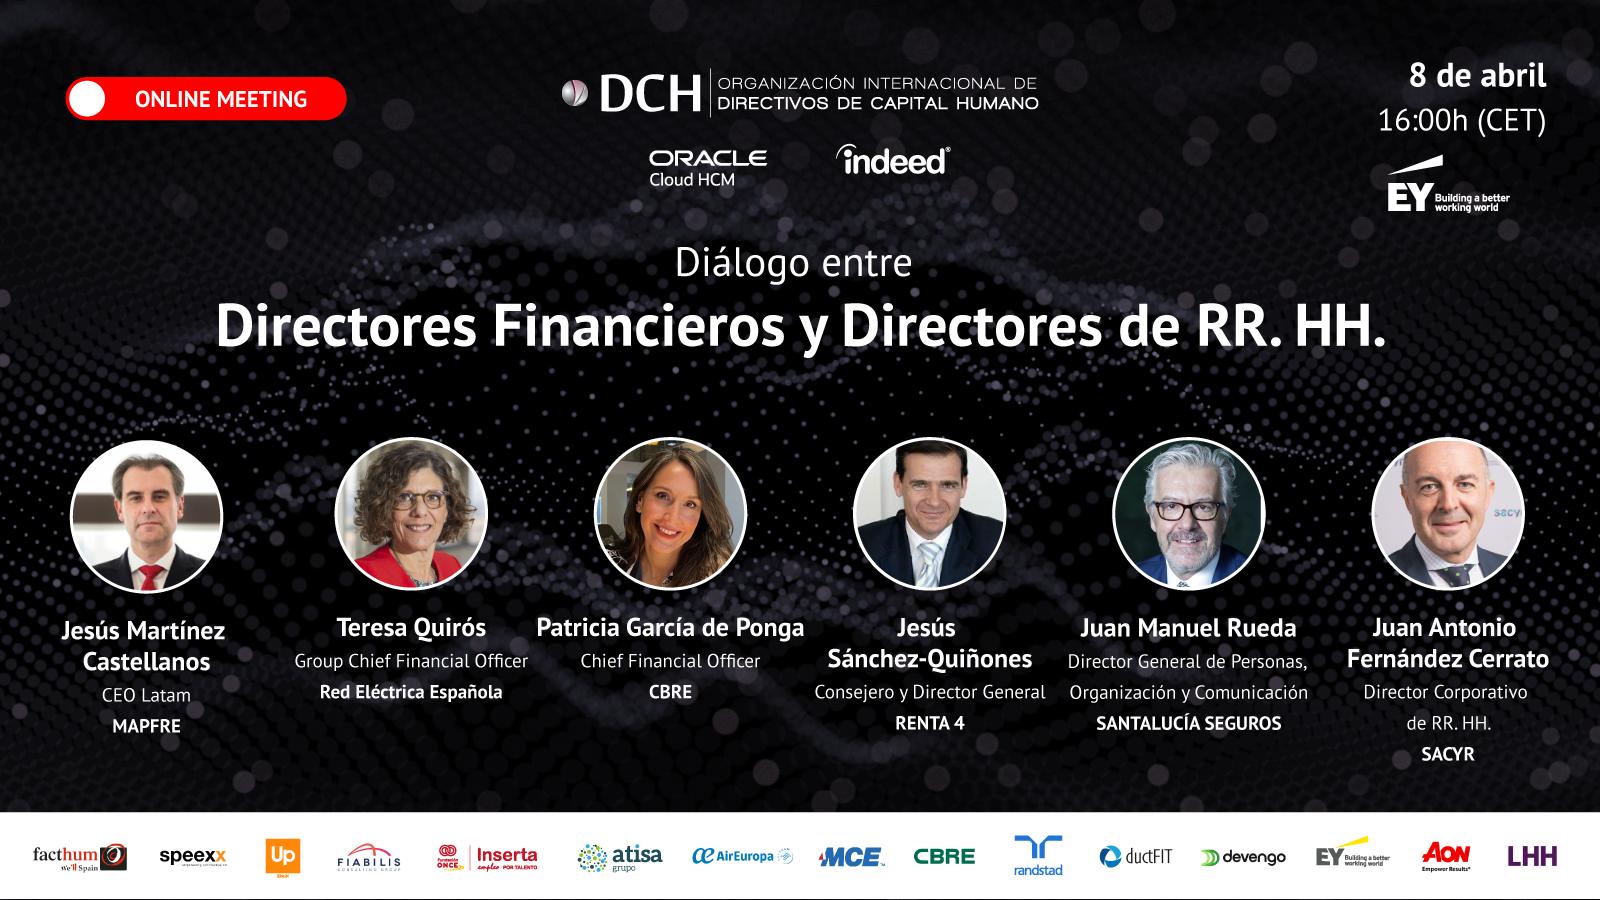 Directores Financieros y RRHH